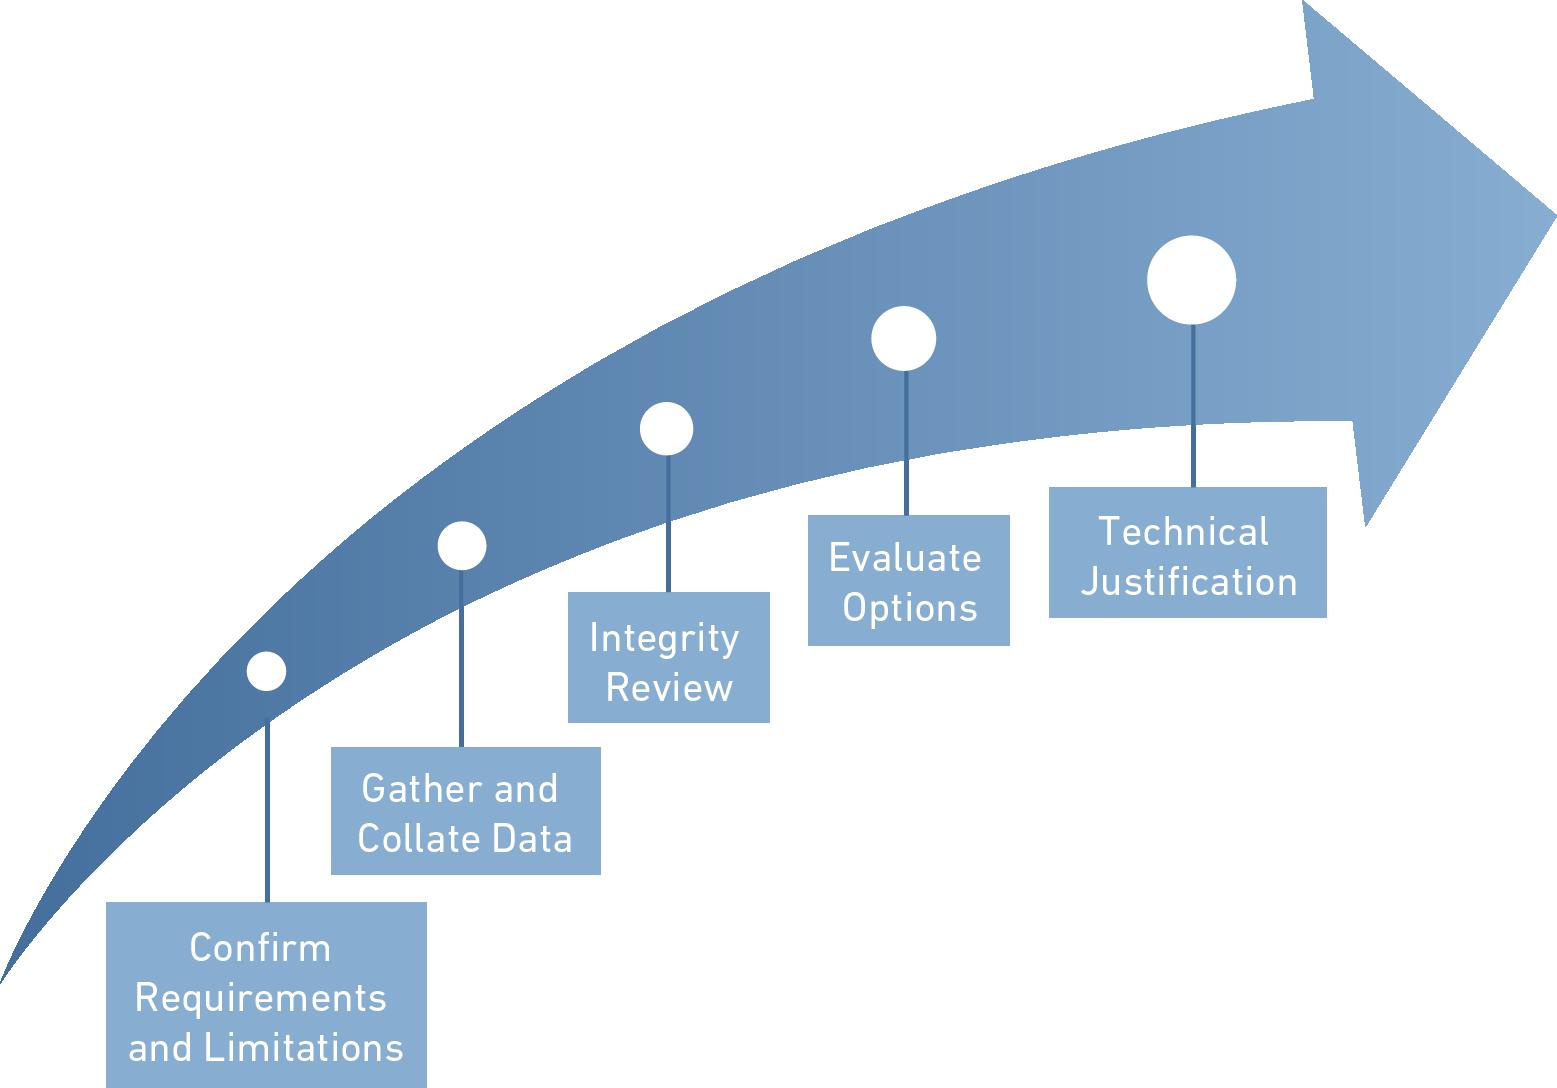 Figure: Process